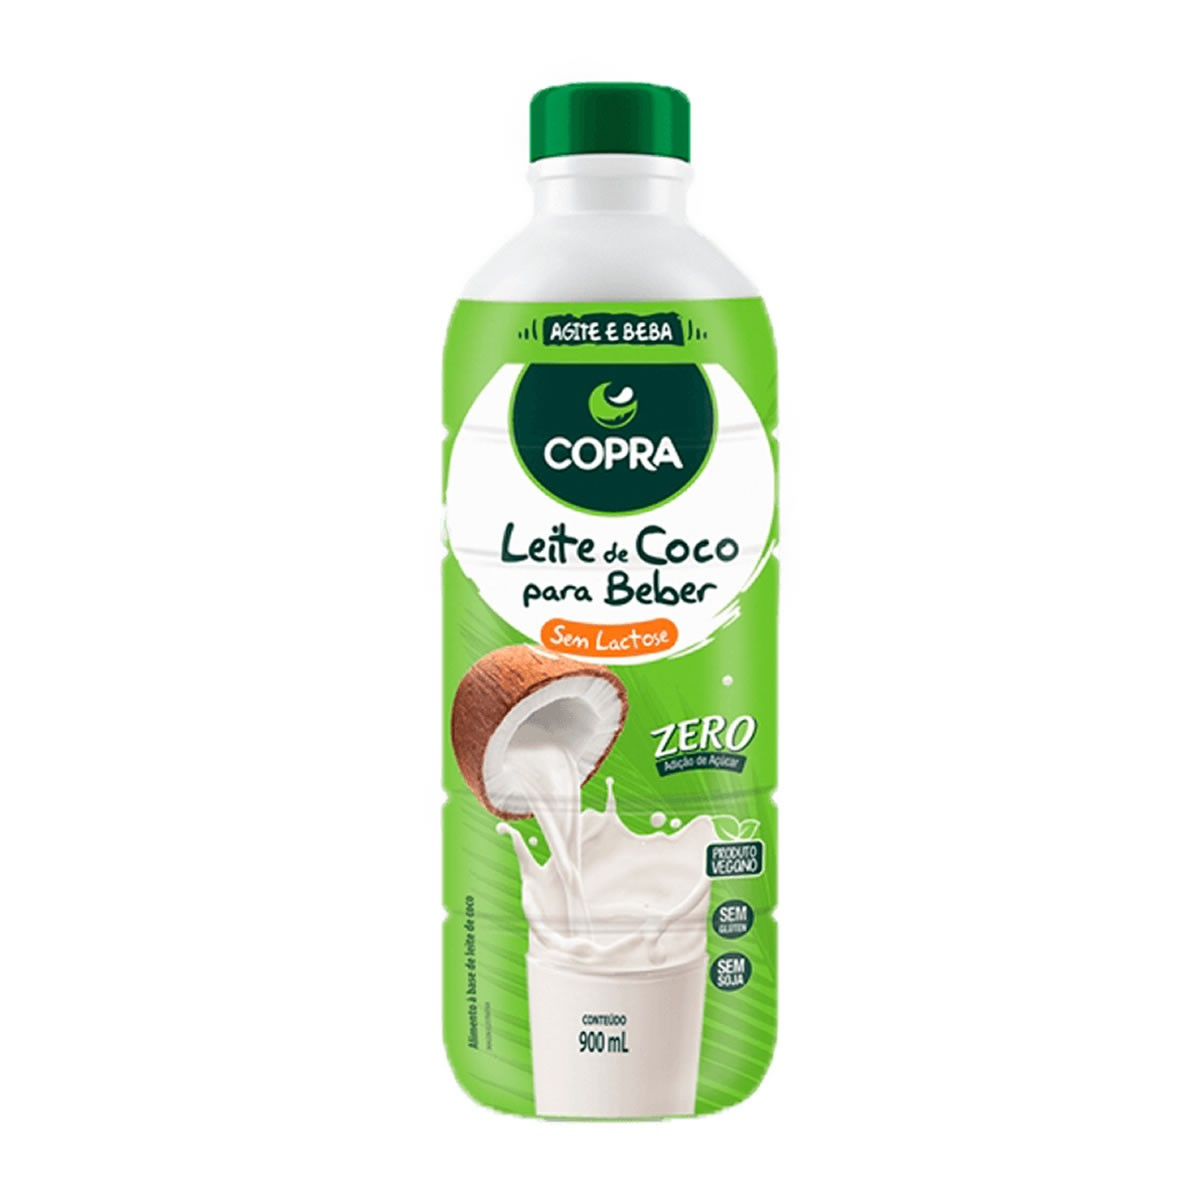 Leite de Coco para Beber 900ml - Copra